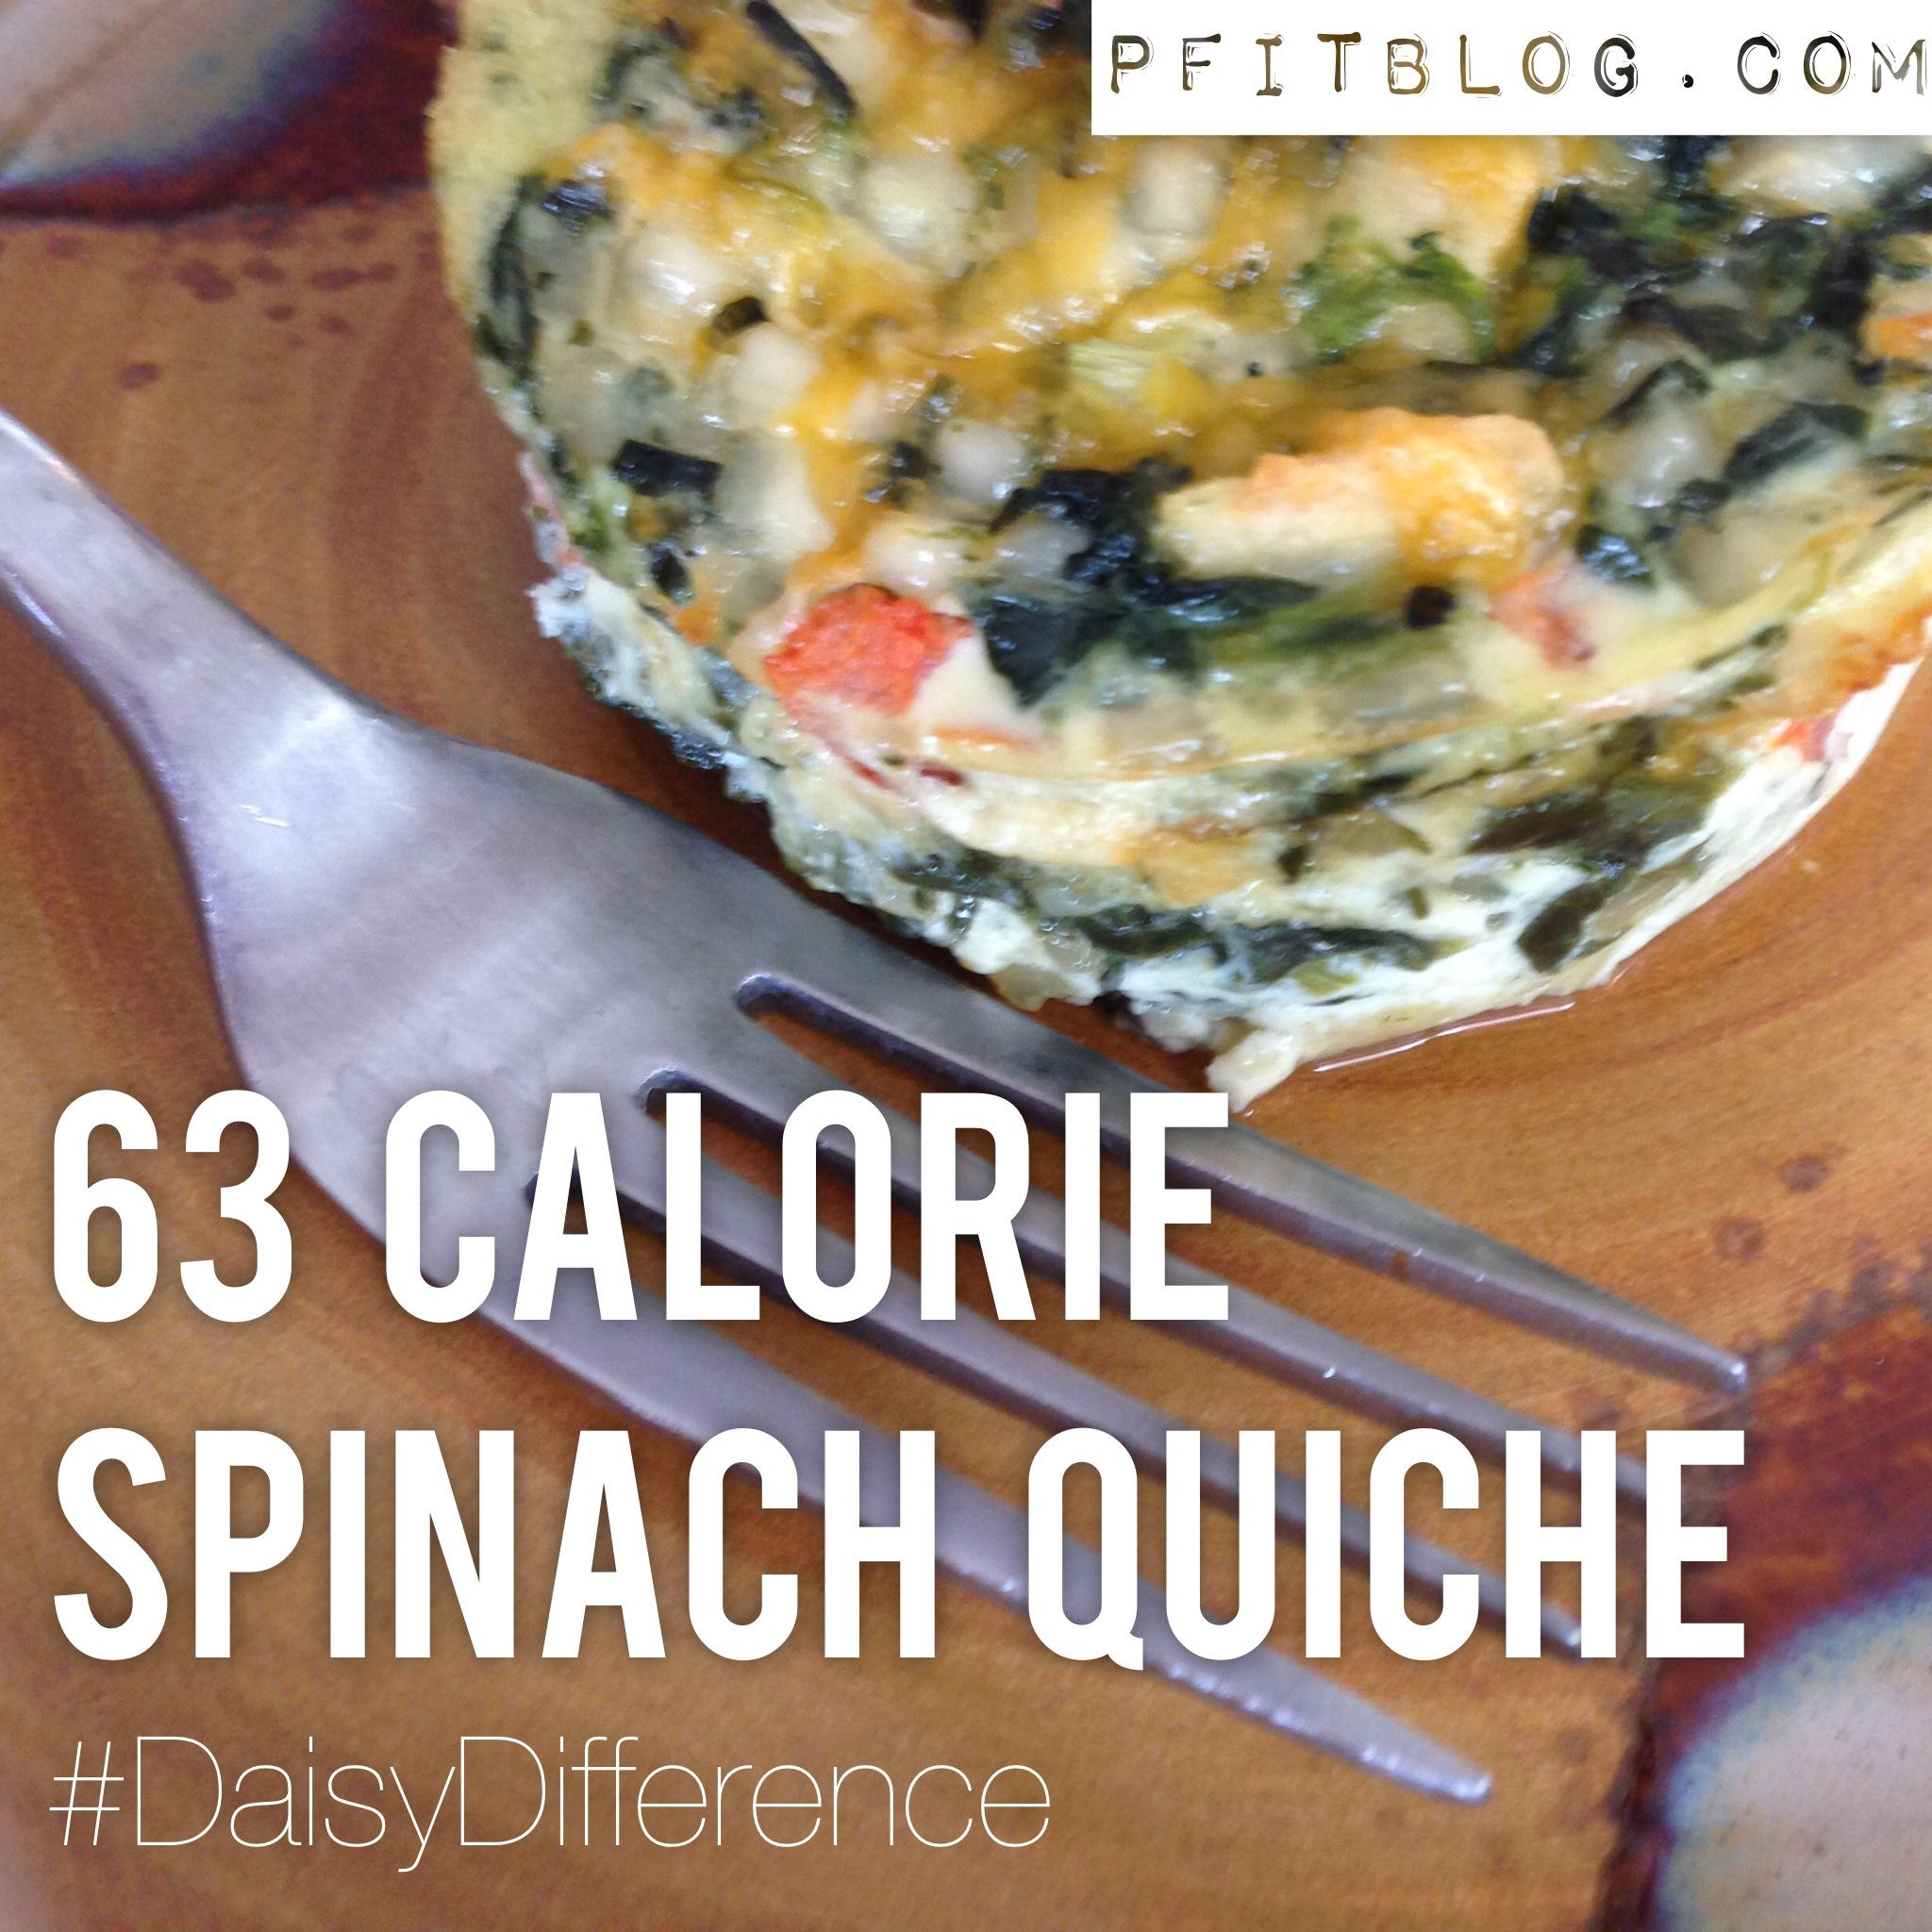 63 Calorie Quiche Recipe